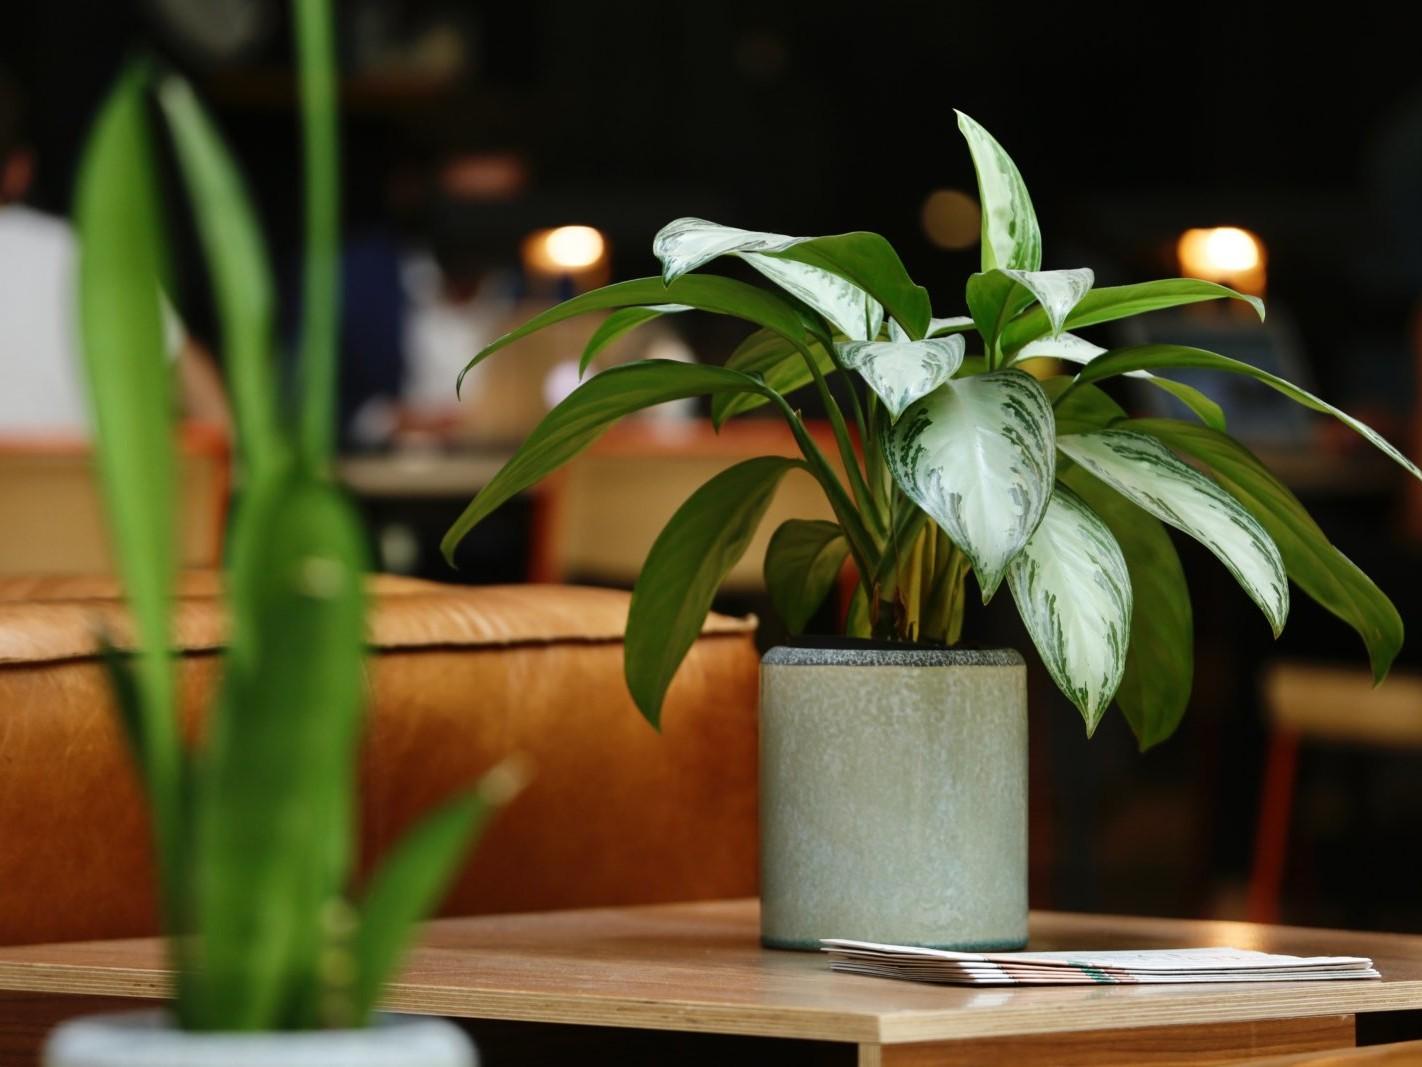 location de plantes en entreprise, la solution pour le bien-être de vos collaborateurs